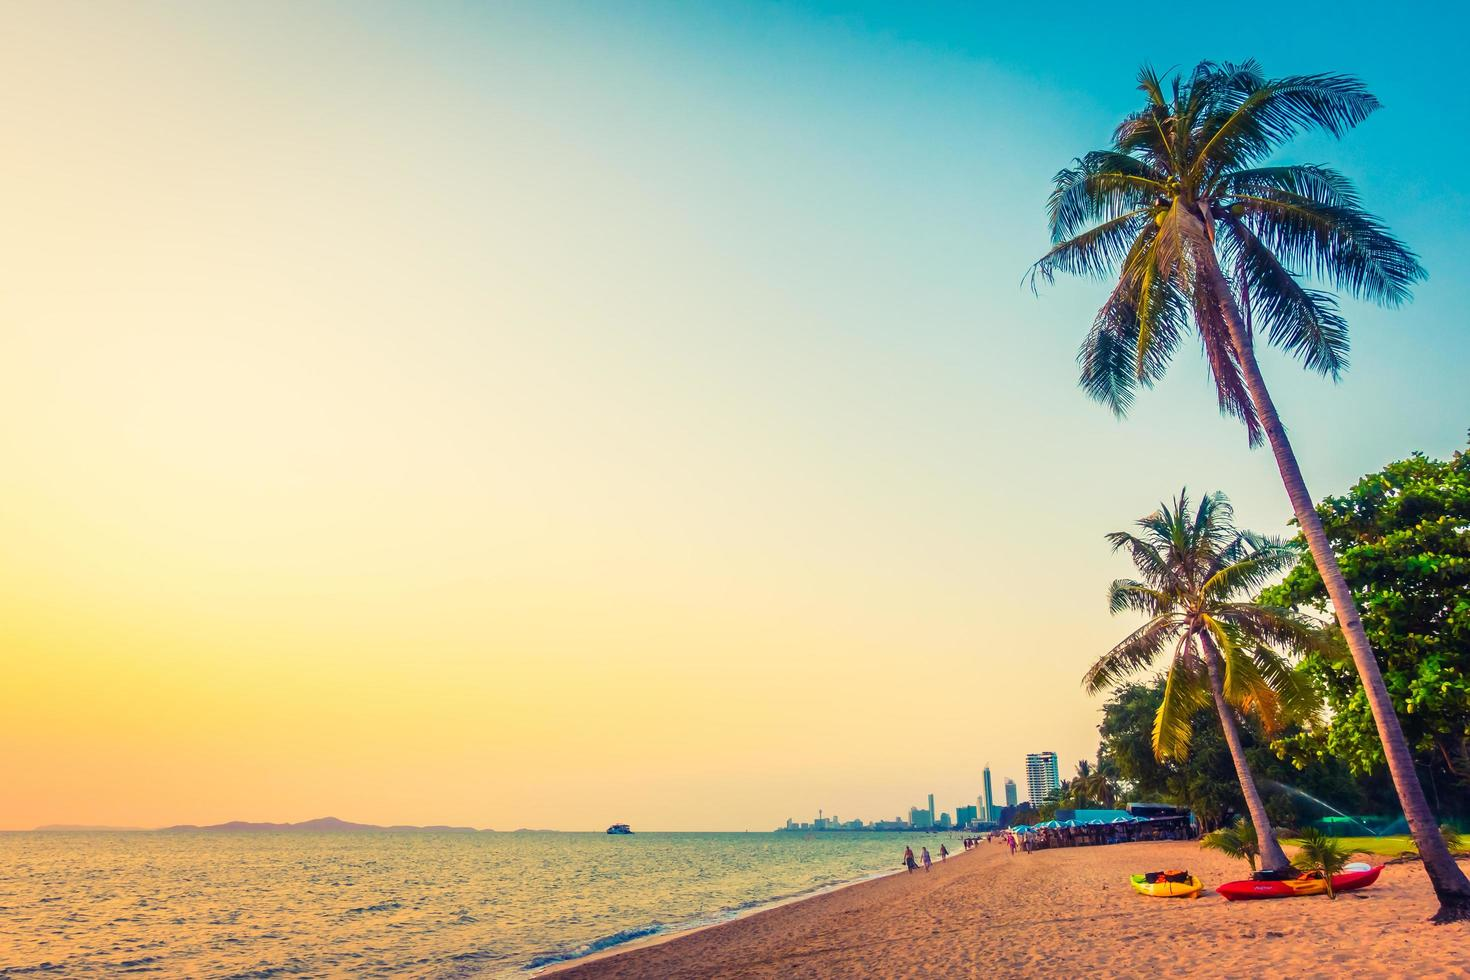 palmier sur la plage photo